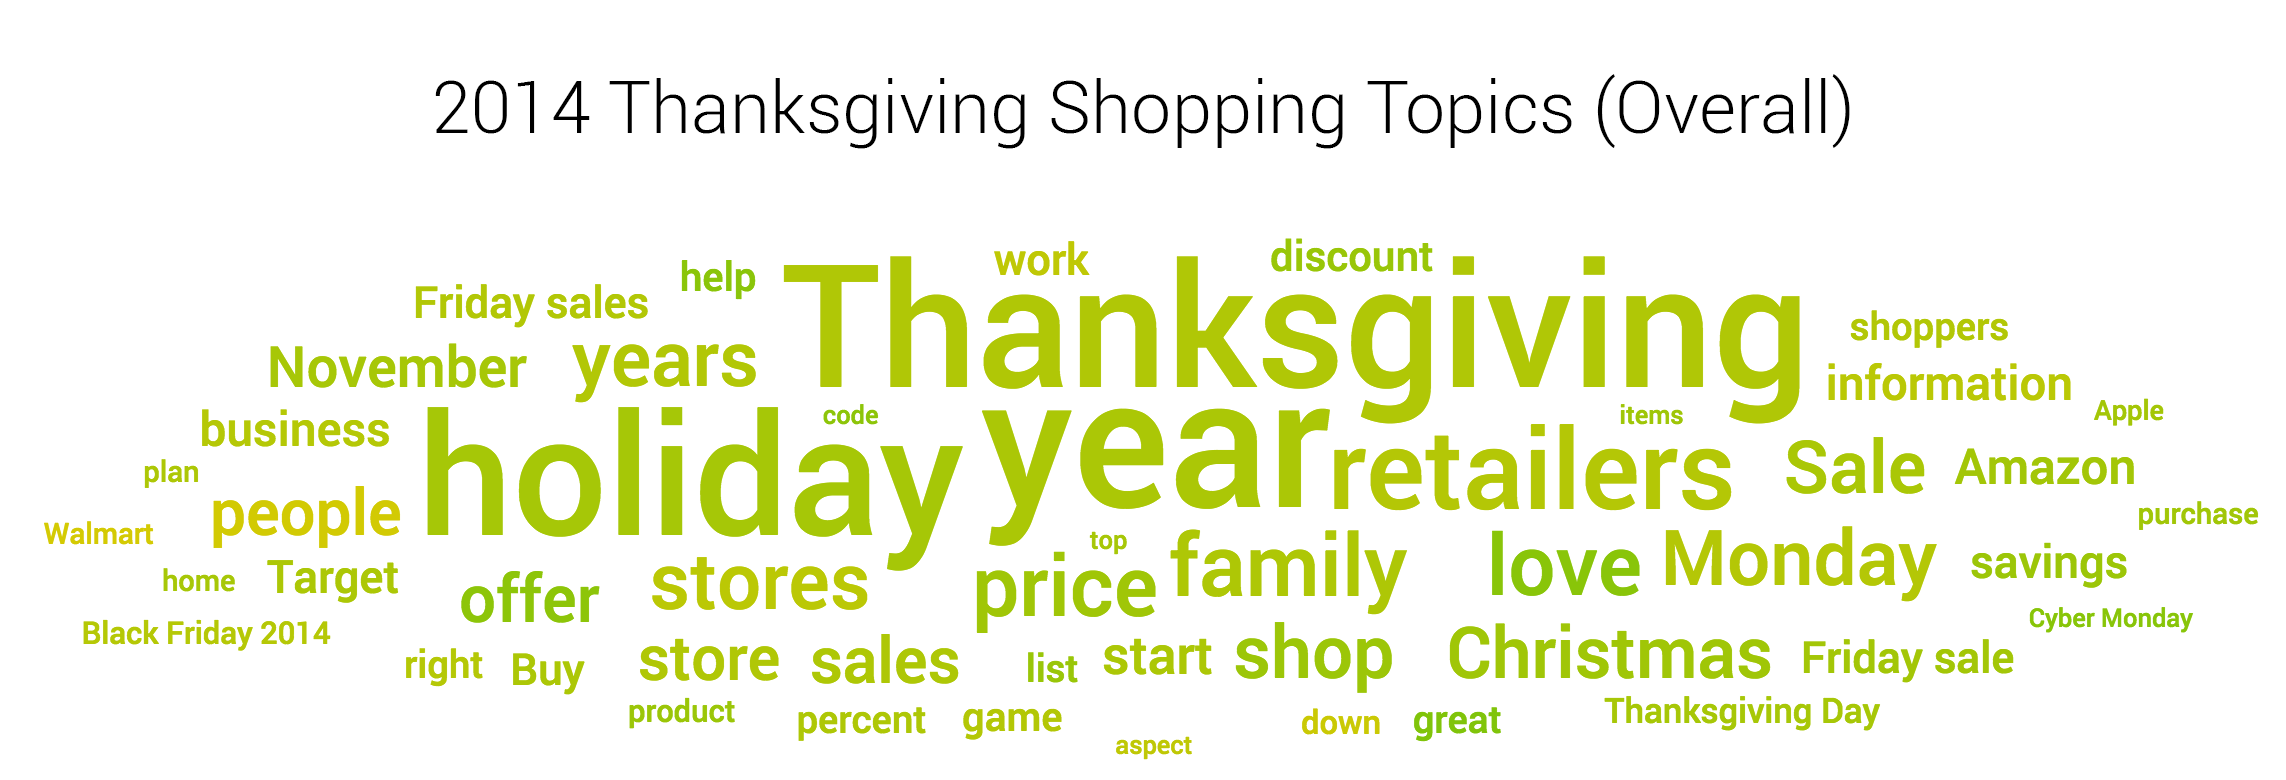 2014 black friday deals overall topics